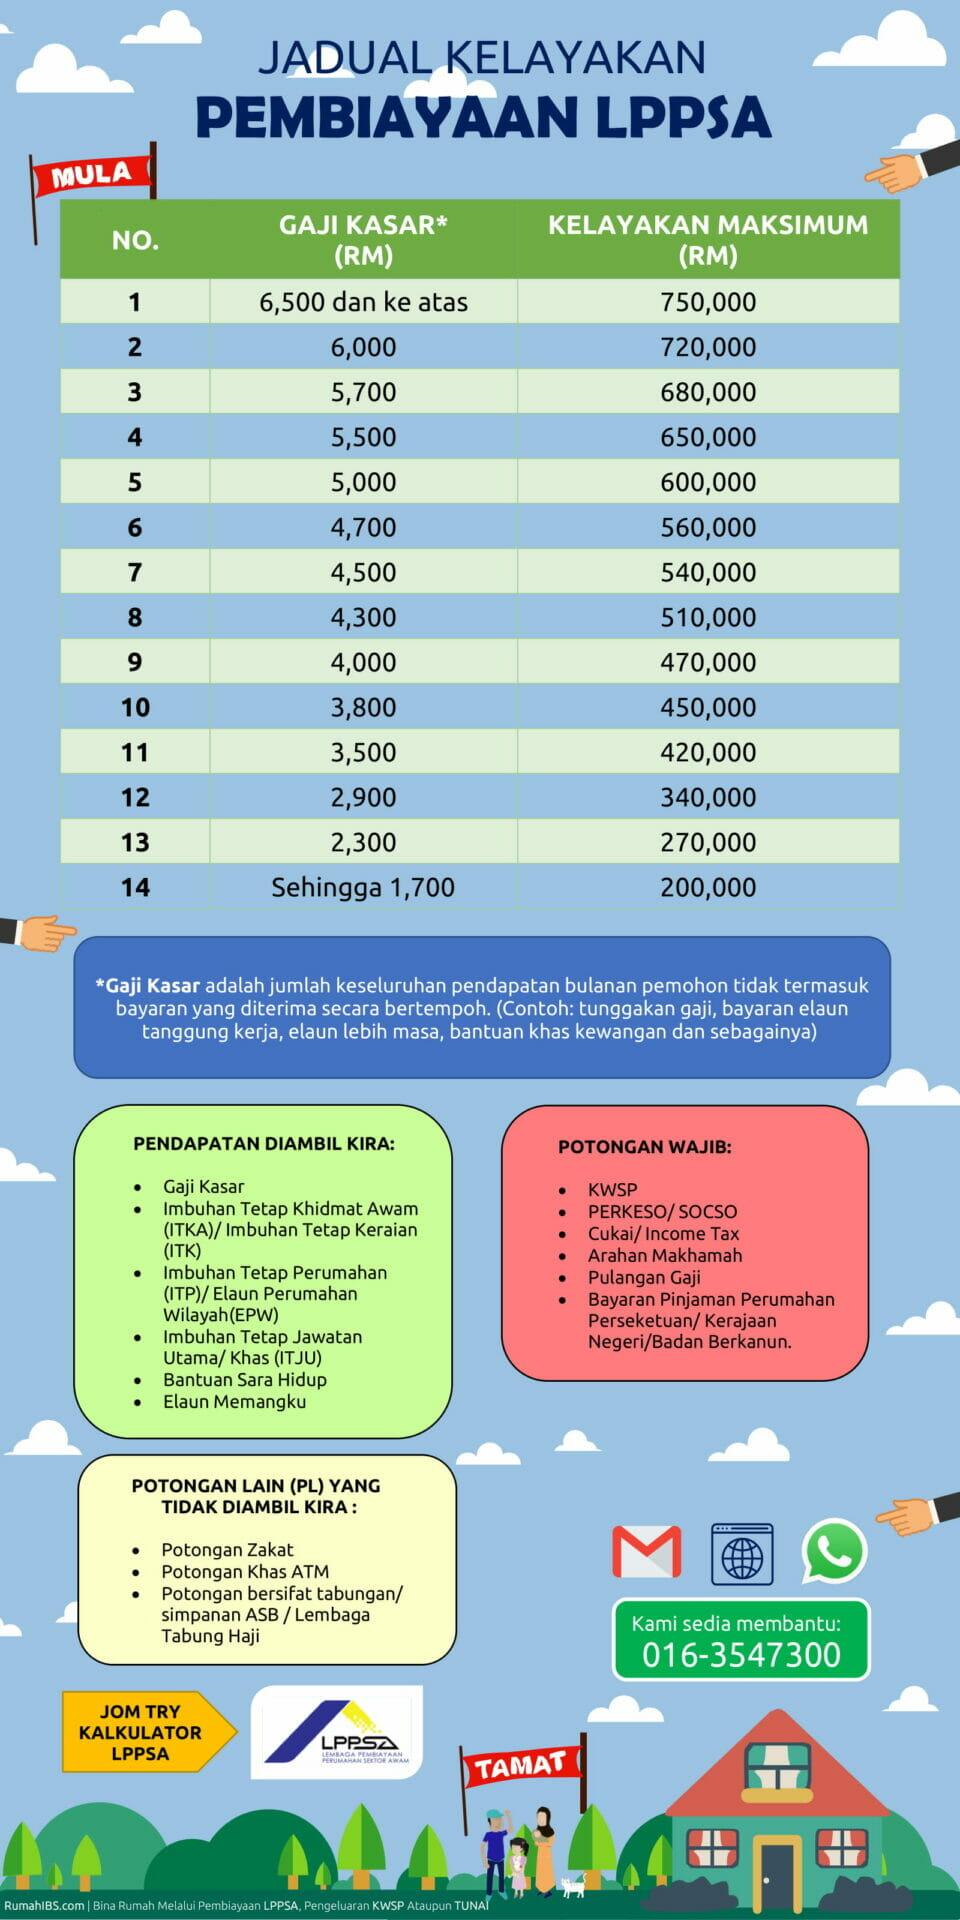 Pinjaman Kerajaan LPPSA 2